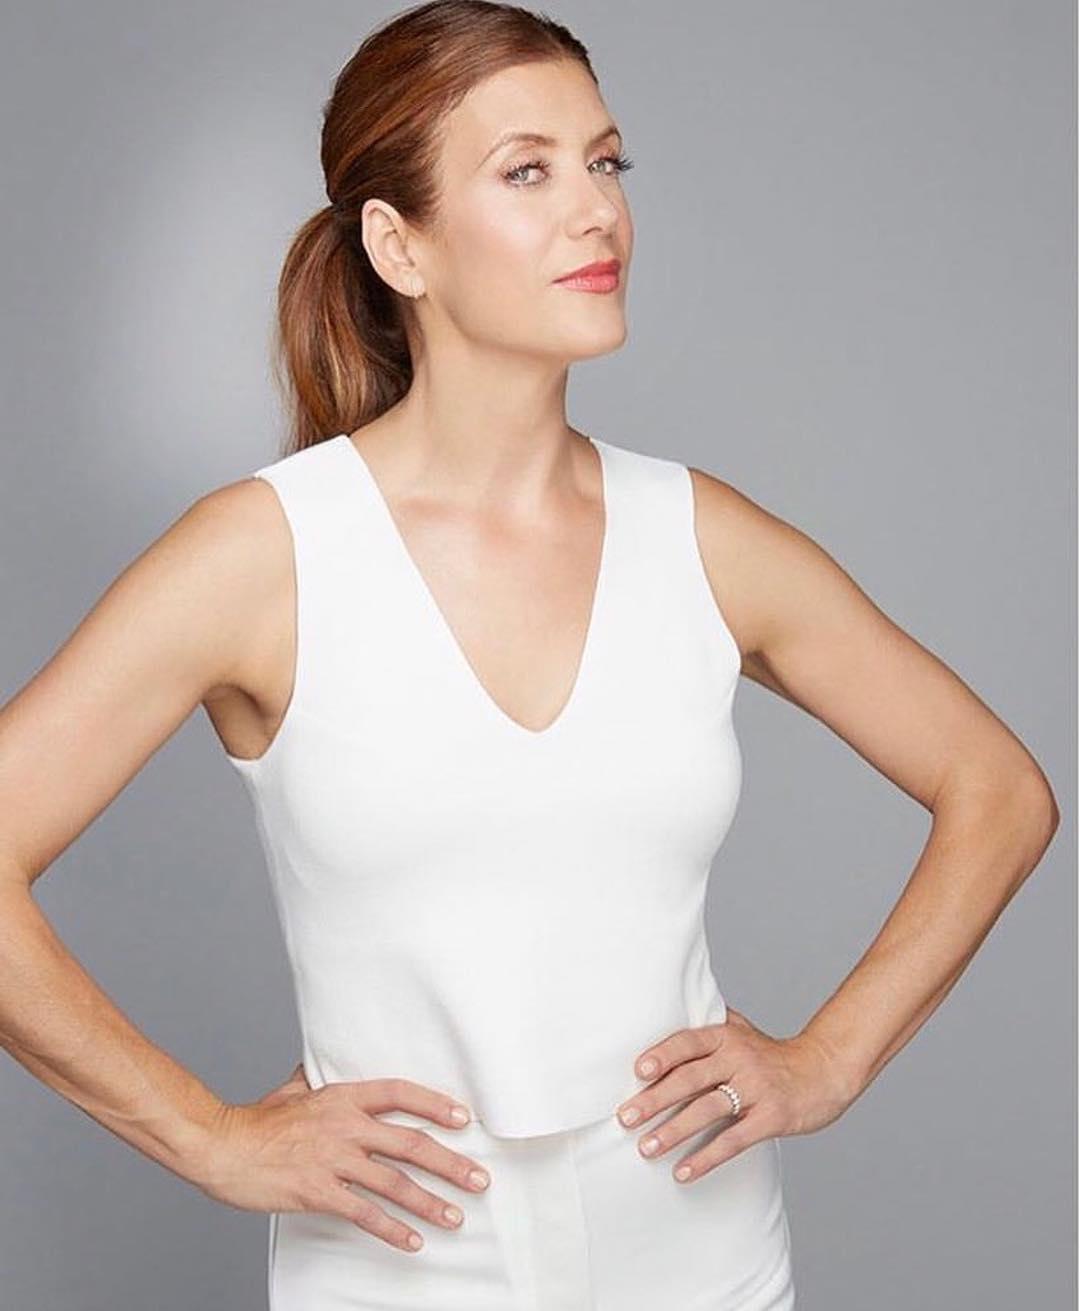 Кейт Уолш: Sooo… are u saying I can't wear all white like this tomorrow?